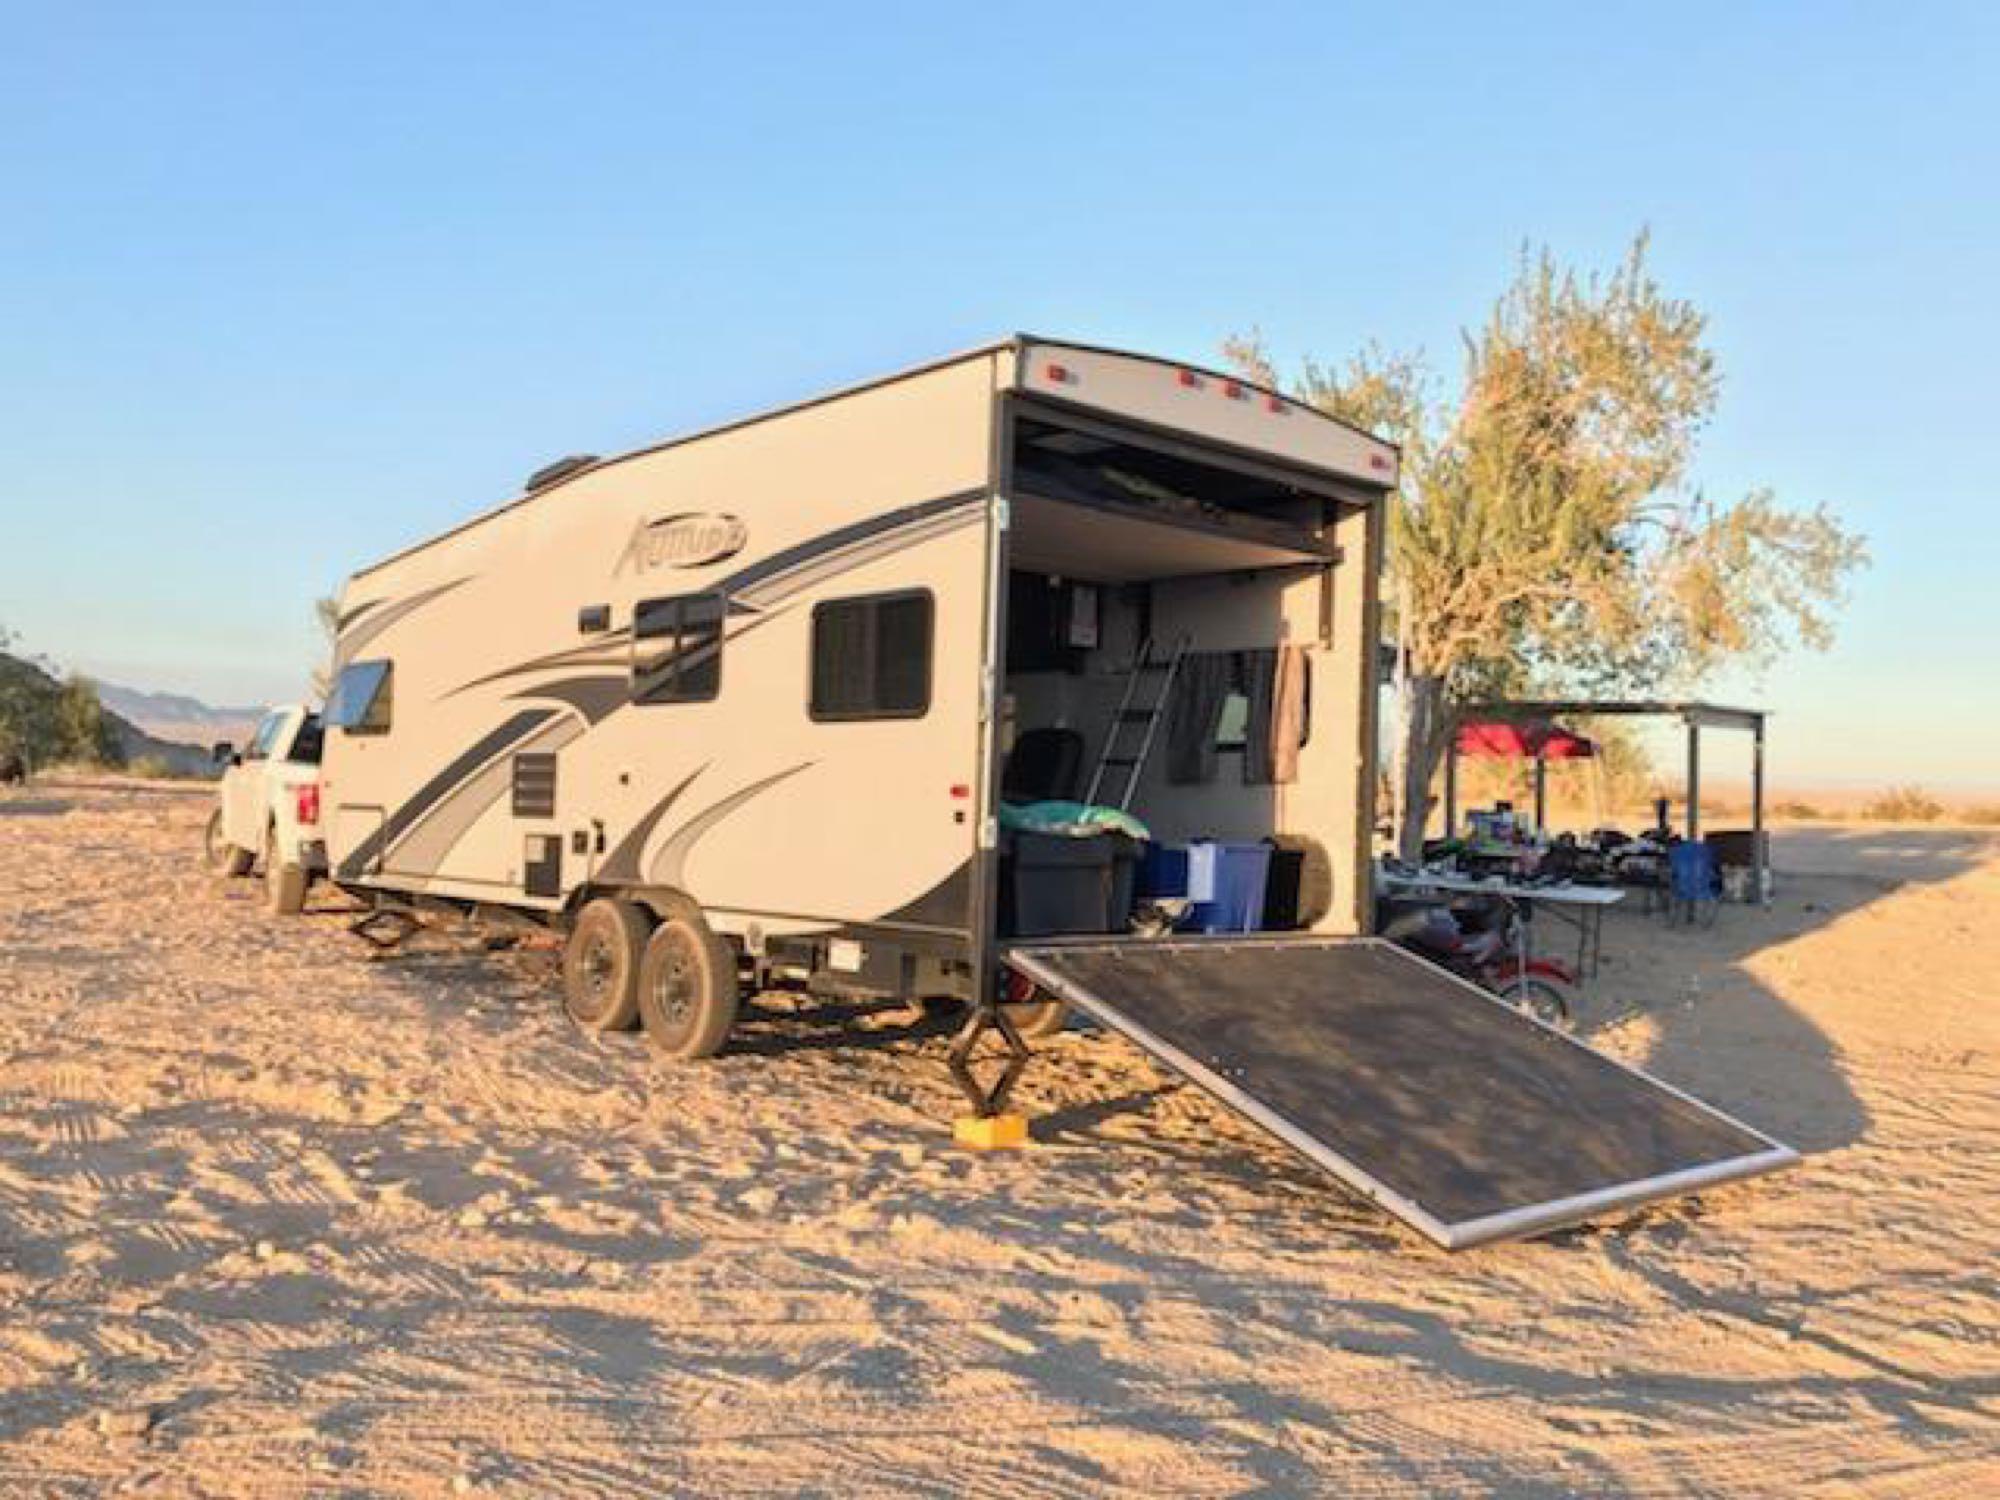 Ocotillo. Eclipse Recreational Vehicles Attitude 2020